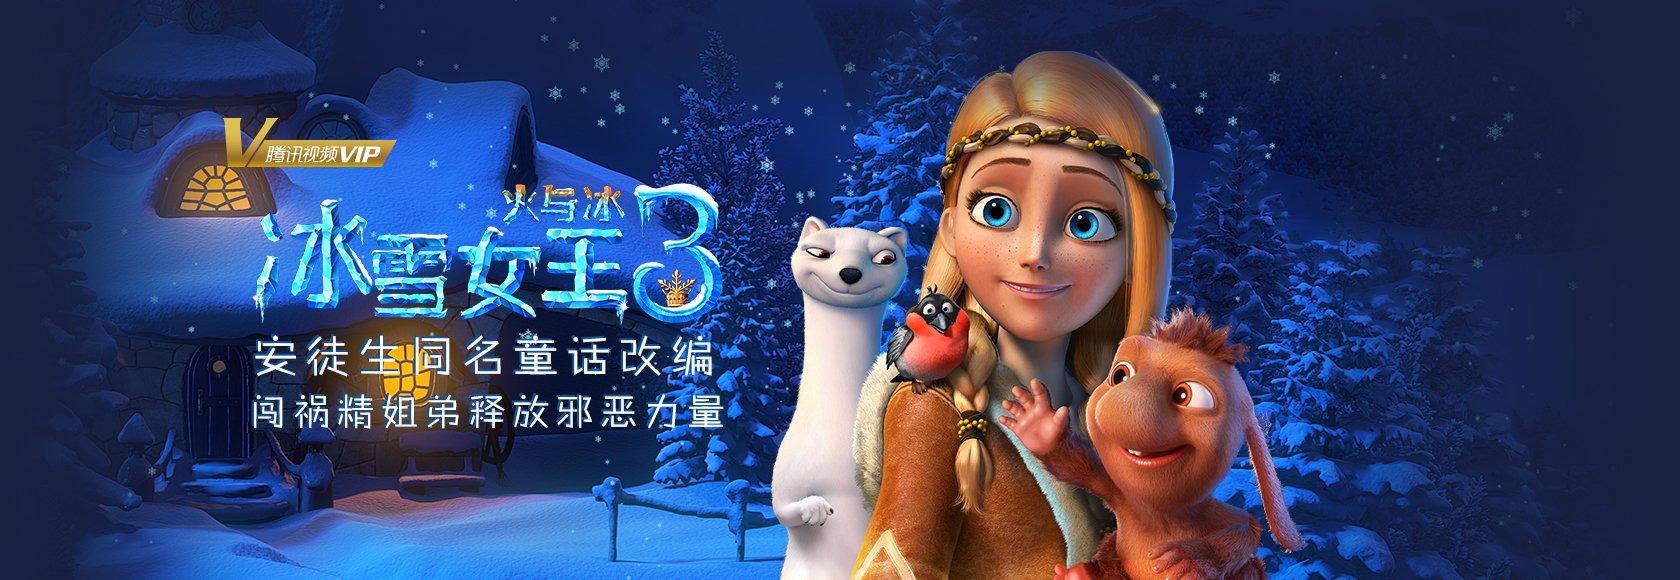 冰雪女王3:火与冰